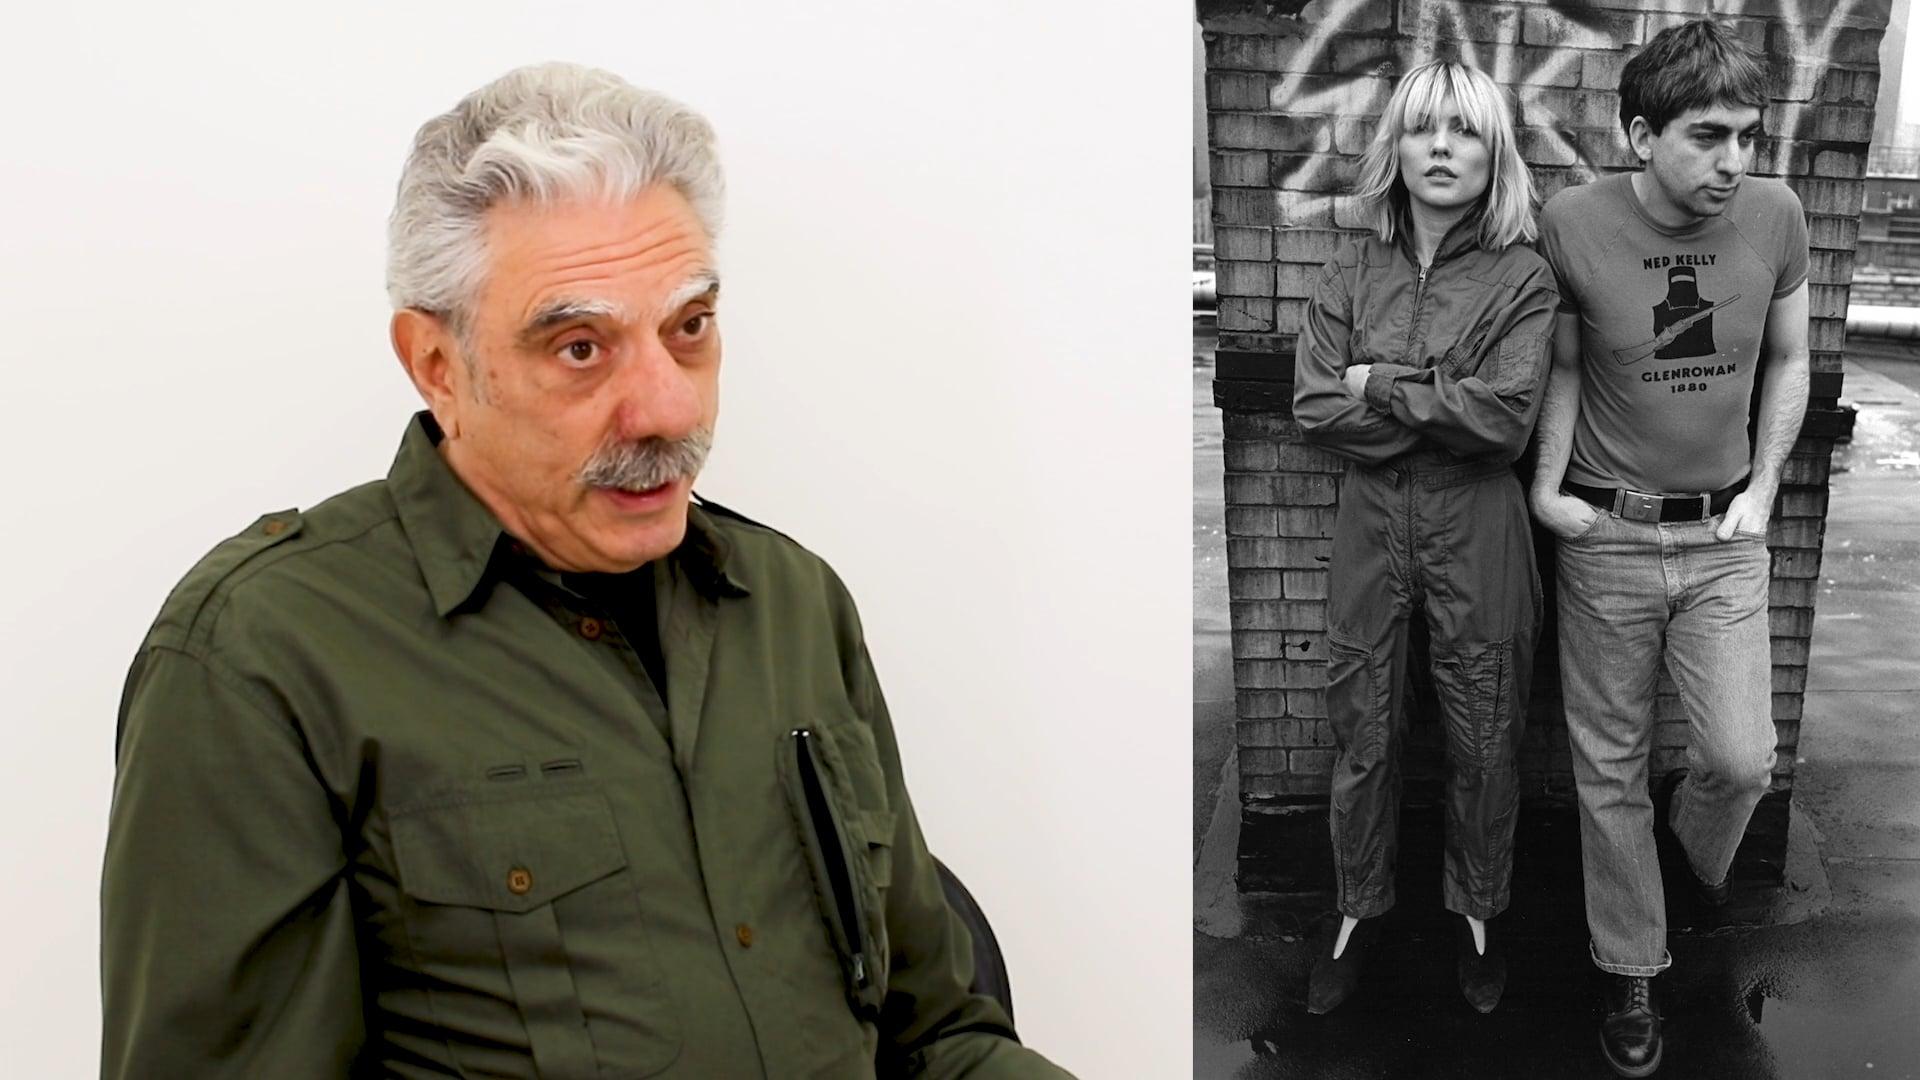 Photographer Allan Tannenbaum discusses Blondie